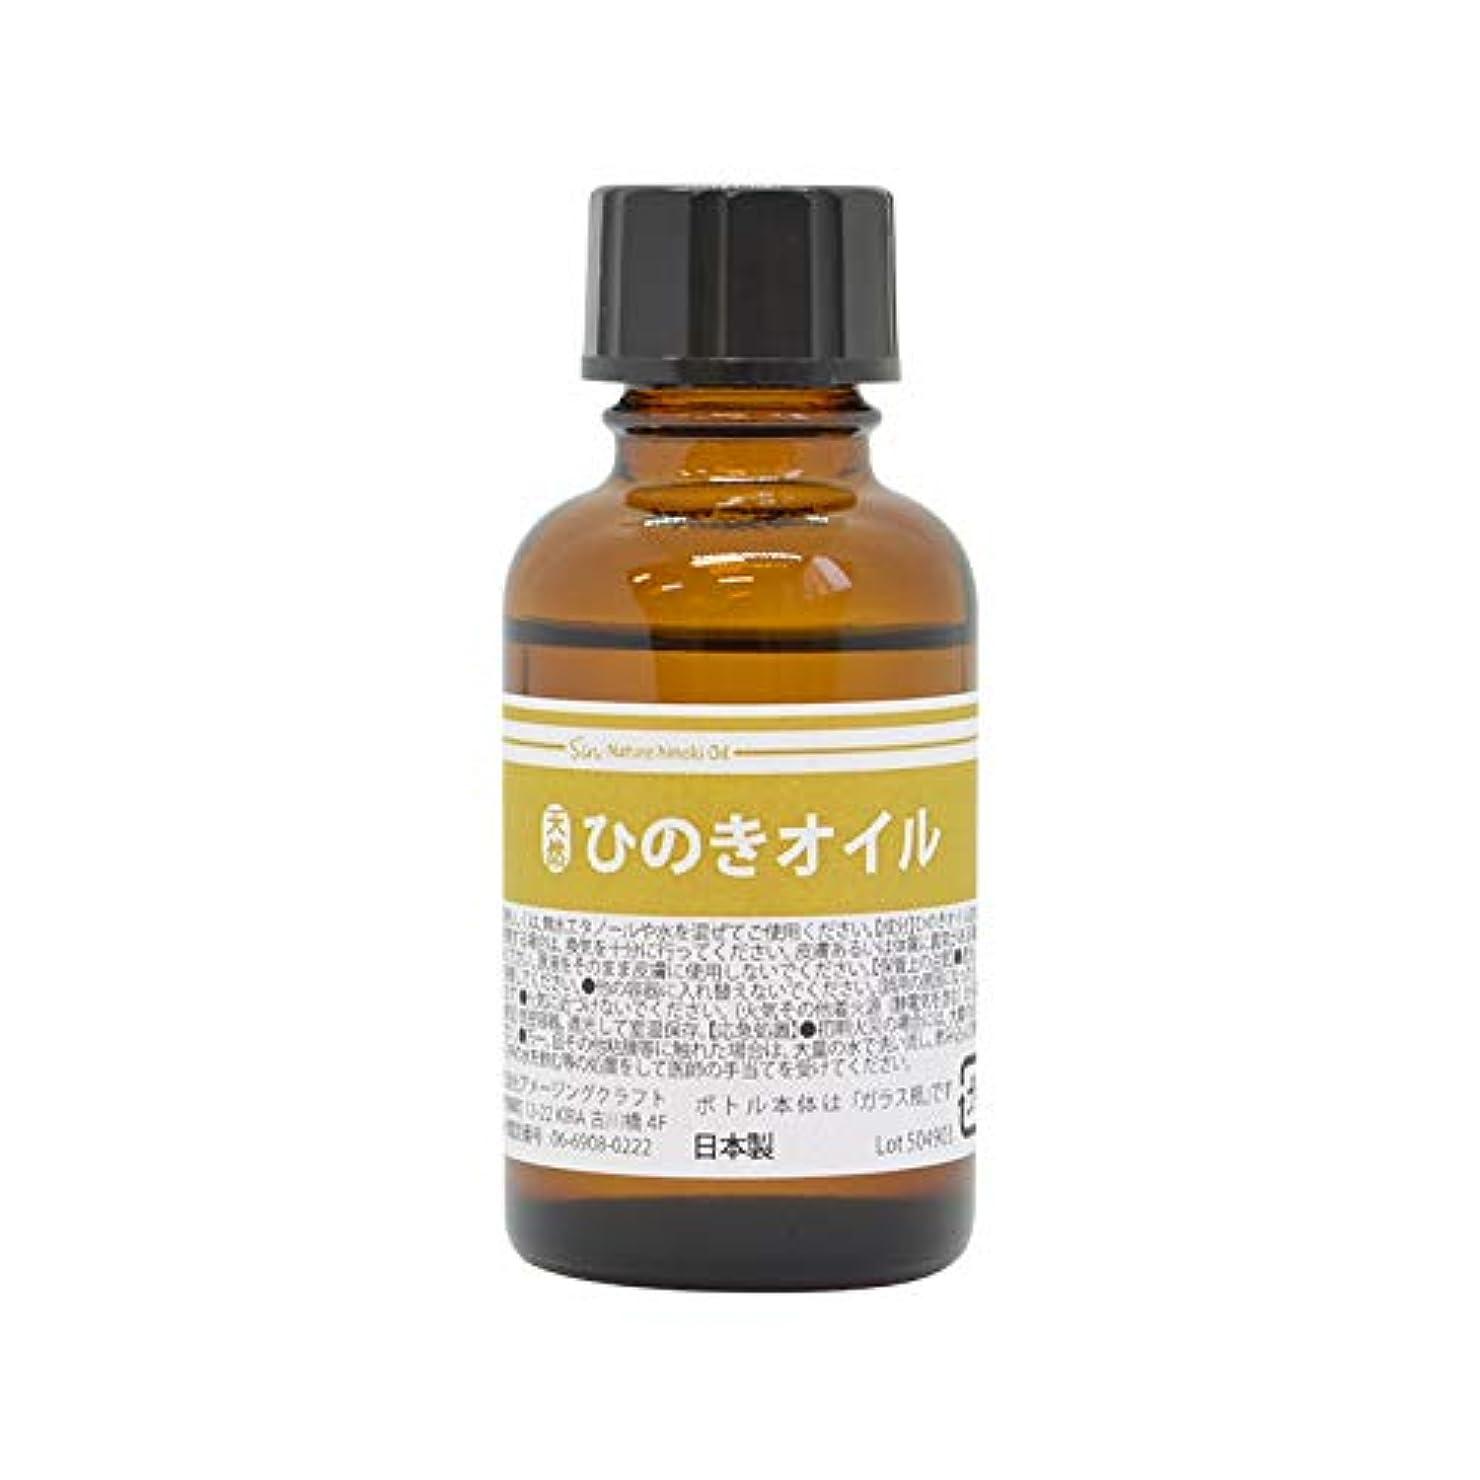 影響力のあるメンタル似ている天然100% 国産 ひのき オイル 30ml アロマオイル ヒノキオイル